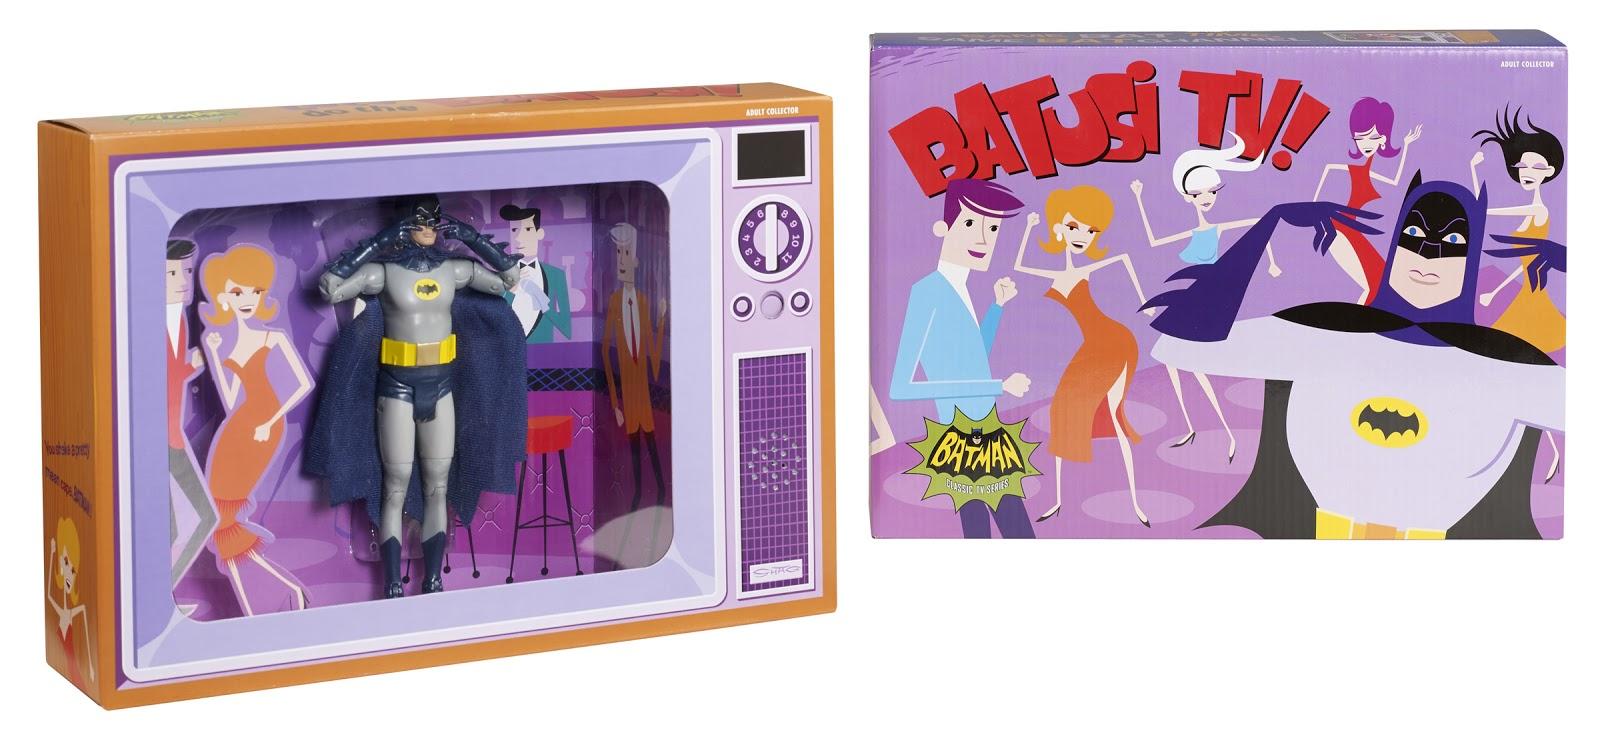 Batman Batusi Tv Toy Mid